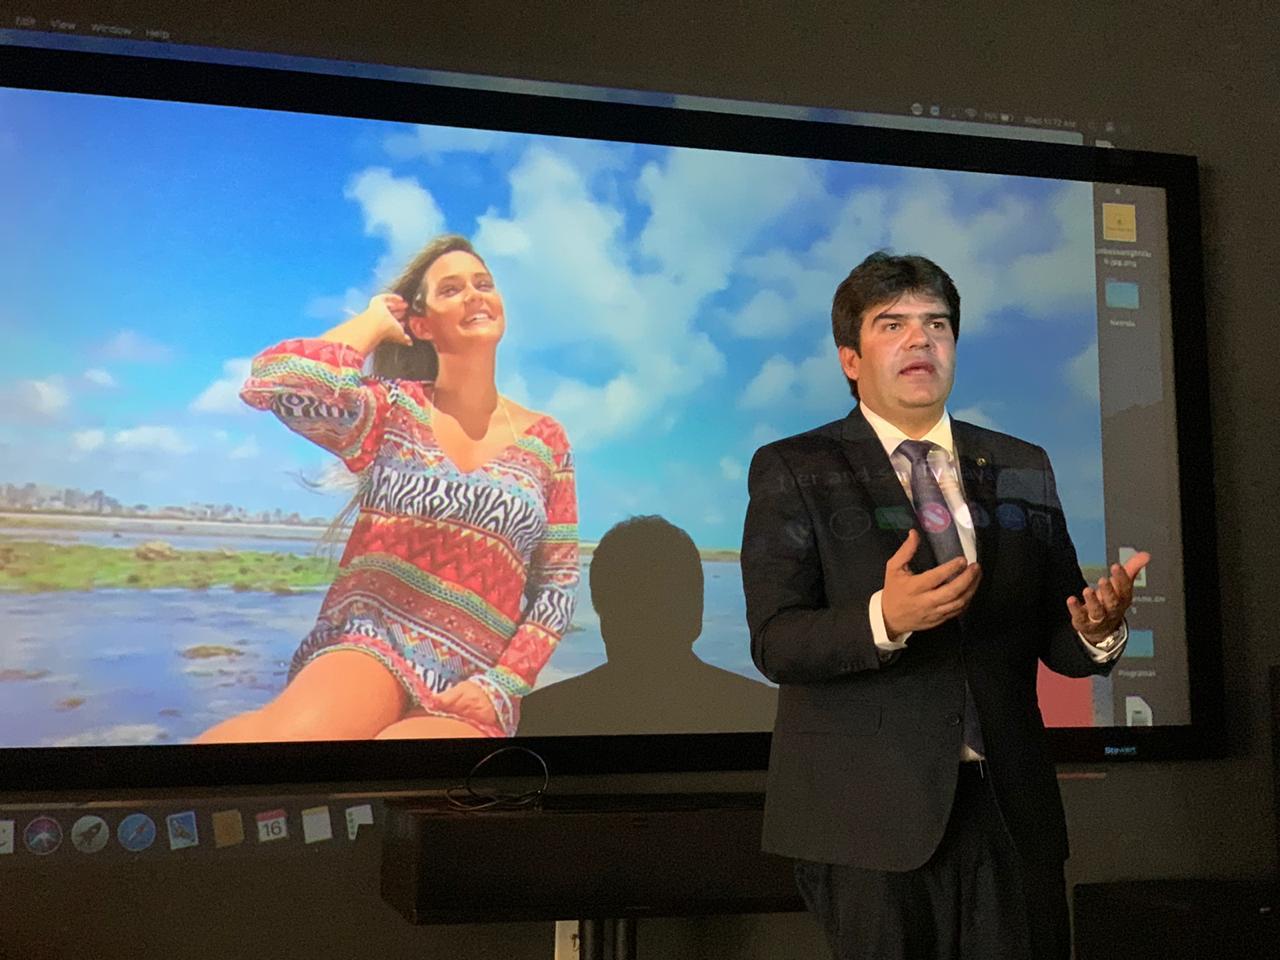 4afcacb5 b450 4413 9ba2 8b354ebdaa06 - Eduardo Carneiro apresenta produtos paraibanos com potencial de exportação a empresários e investidores americanos